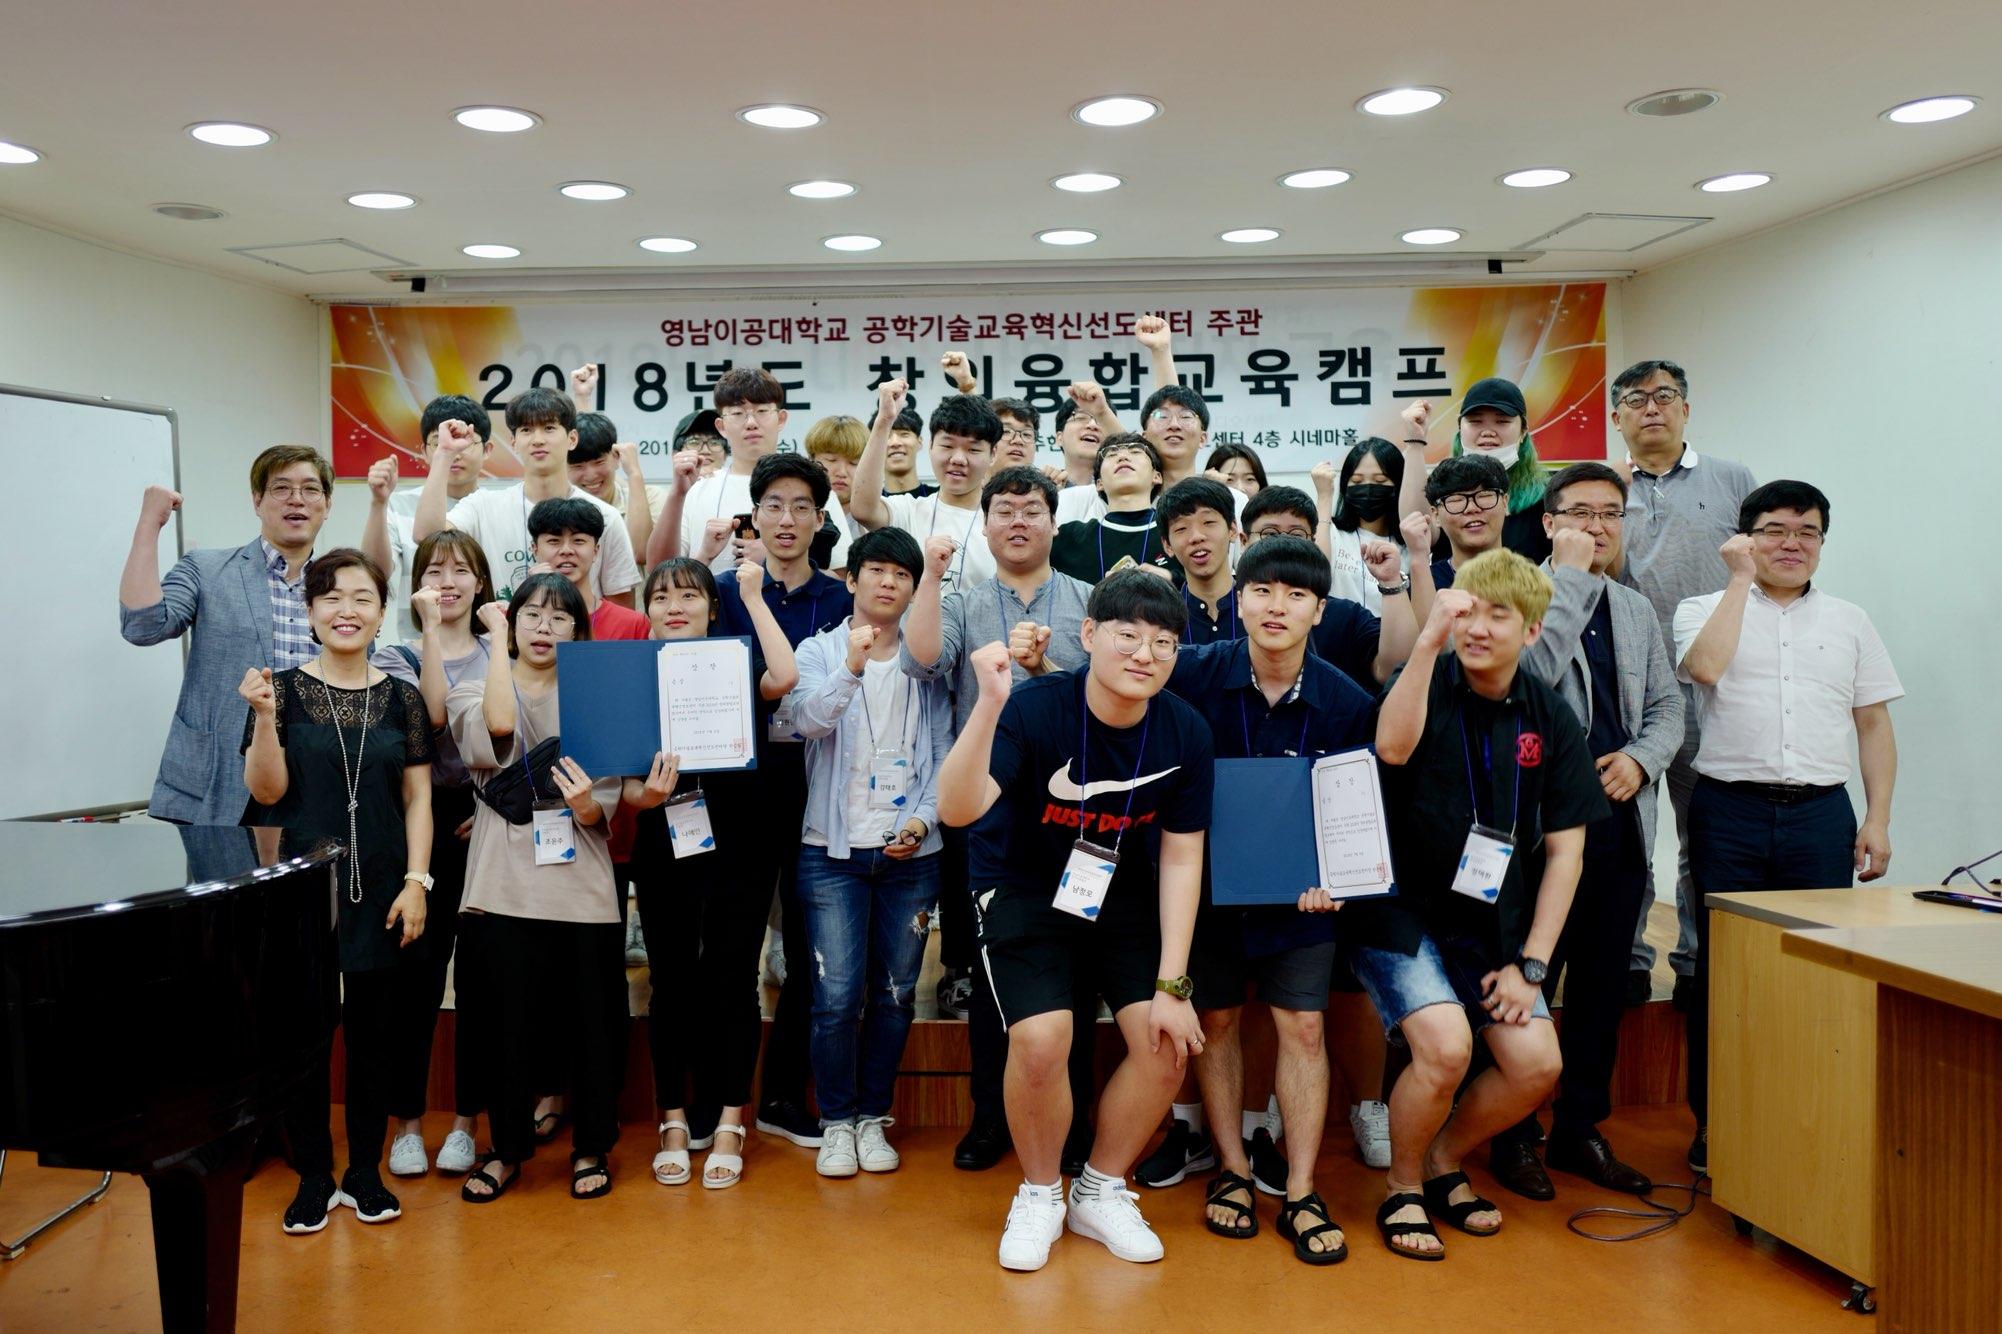 제주한라대학교 공학기술교육혁신센터 워크숍 및 캠프, 교육 개최1